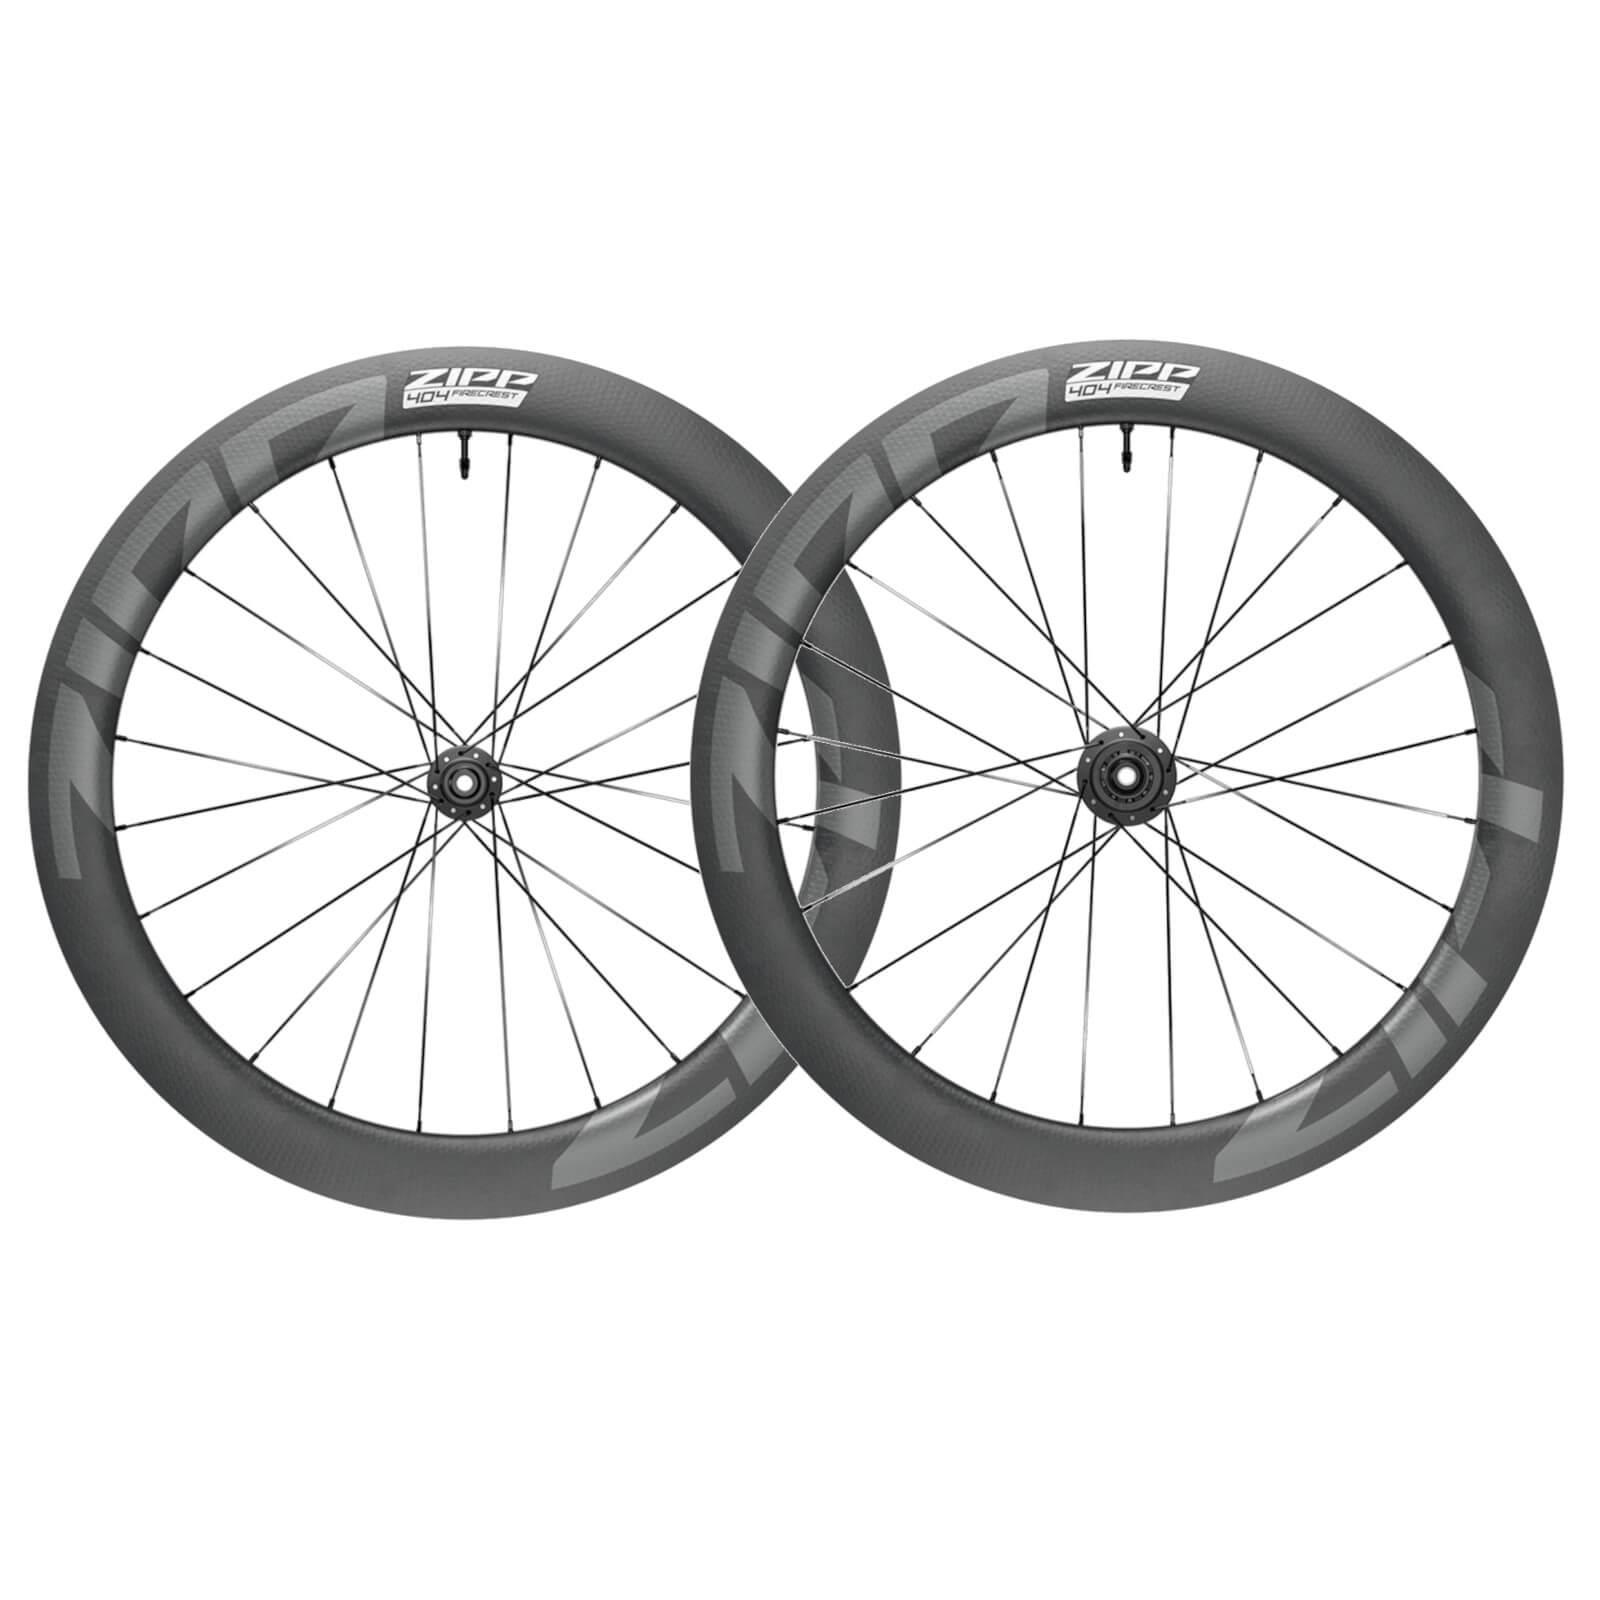 Zipp 404 Firecrest Carbon Tubeless Disc Brake Wheelset - Shimano/SRAM